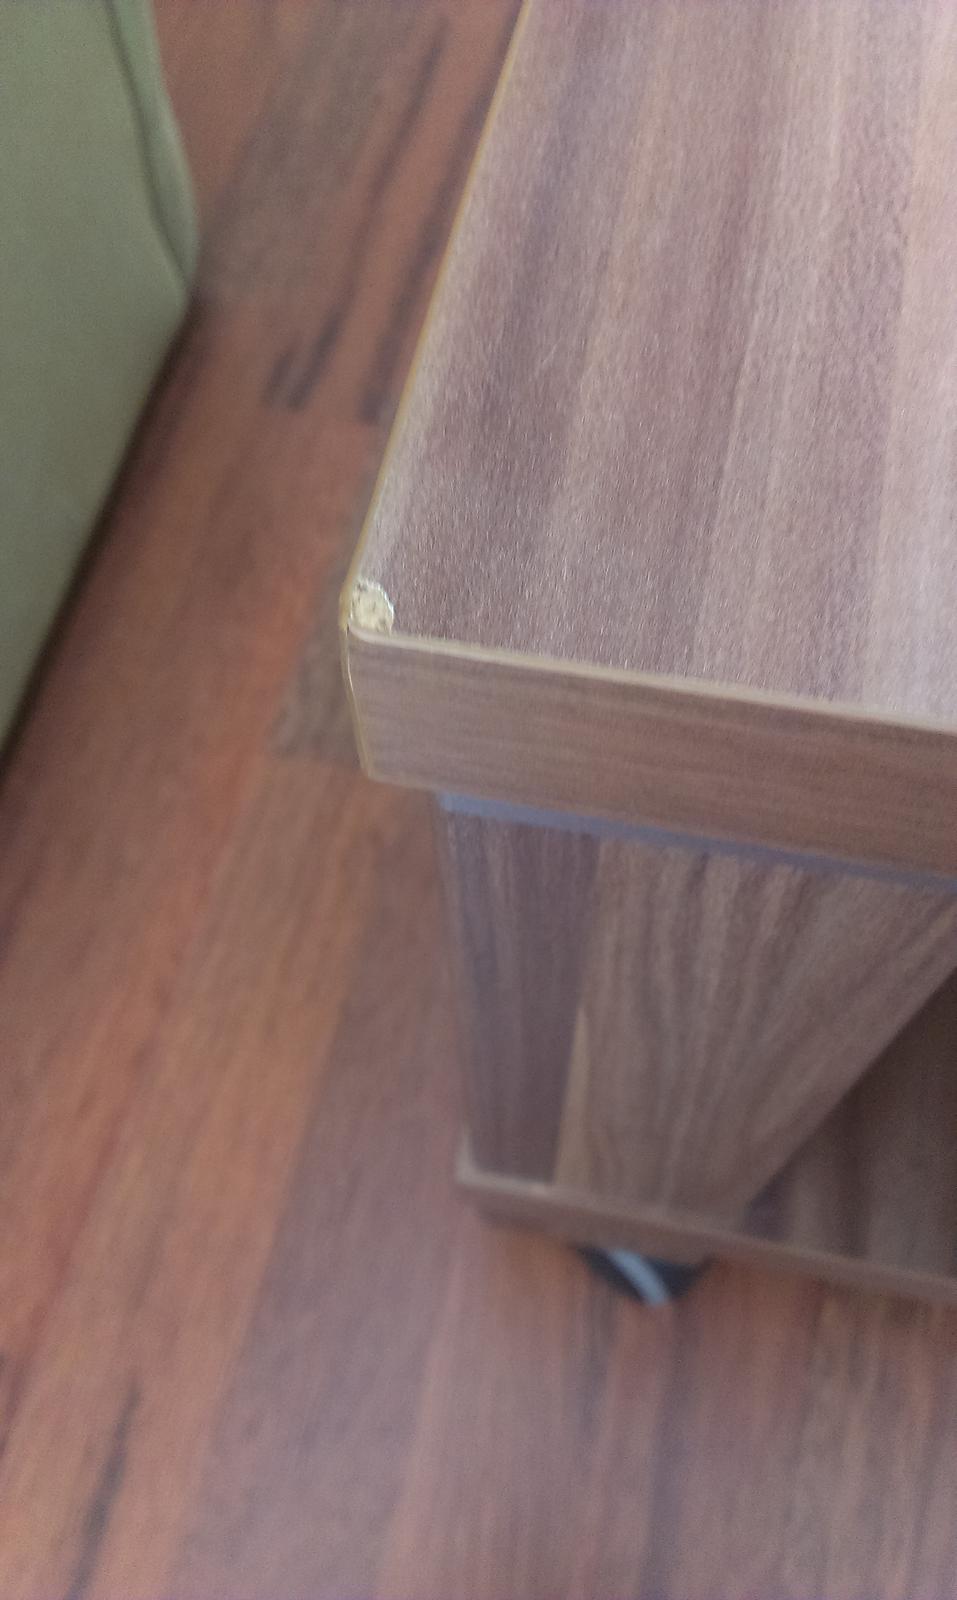 Konferenčný stolík - Obrázok č. 4